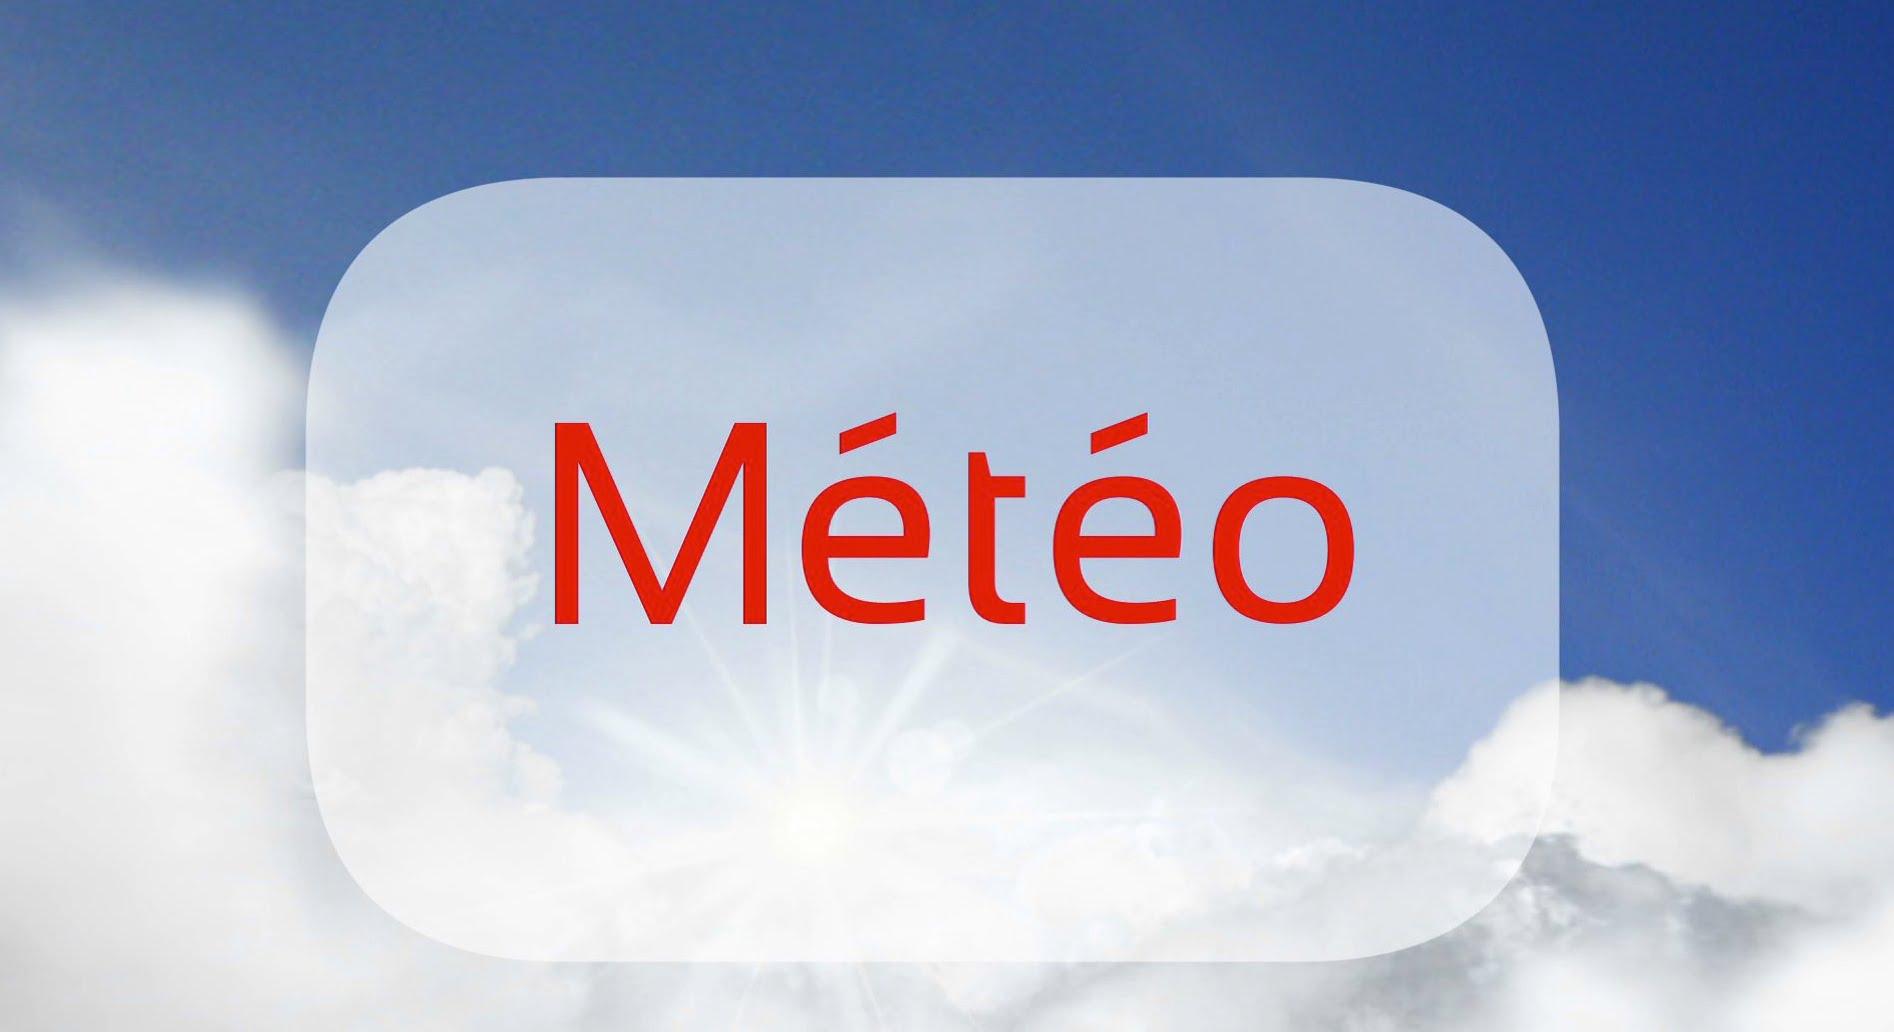 Chaleur, Ciel dégagé, Météo